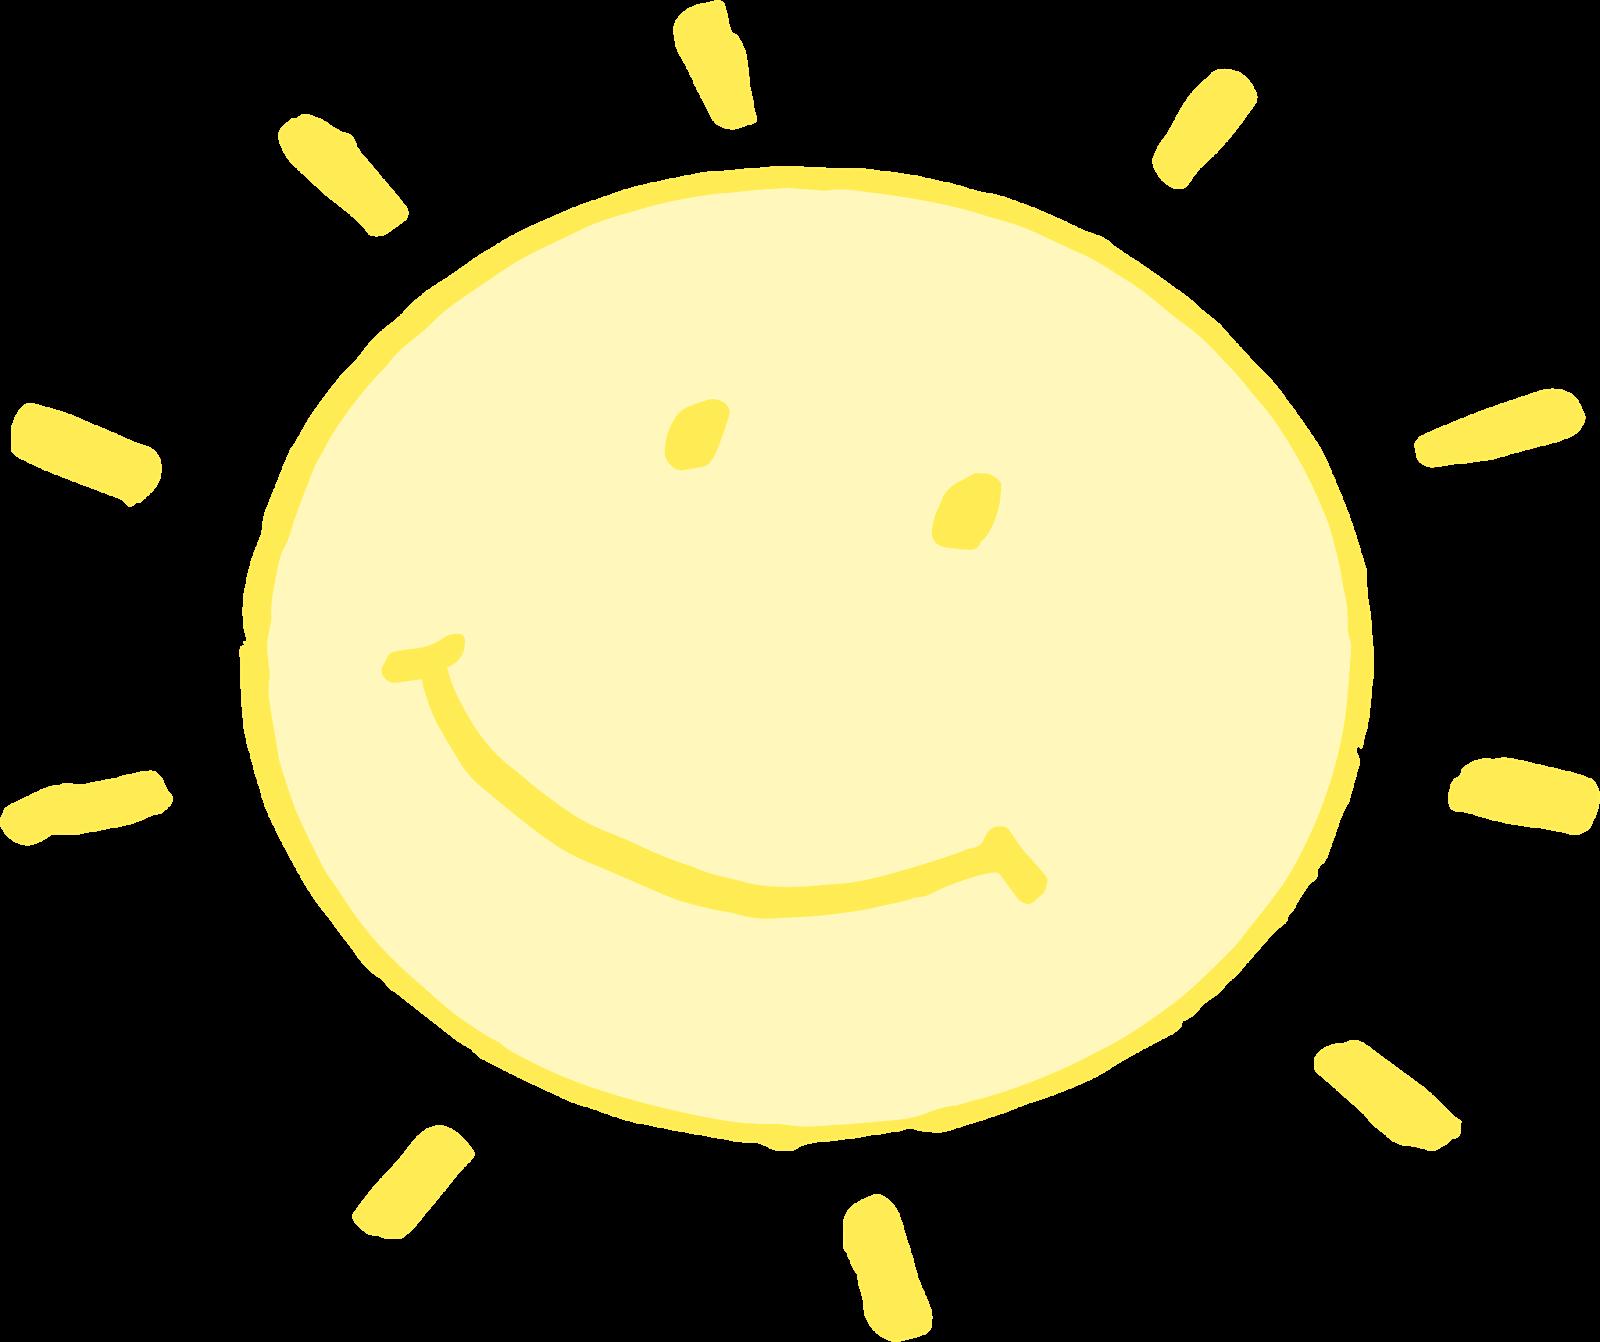 http://4.bp.blogspot.com/-9nC24rerNbI/U2bVRuHksLI/AAAAAAAADL8/m3gB-dKOTKg/s1600/Color+yellow+out+line+Sun+TheTravelingclassroom.png